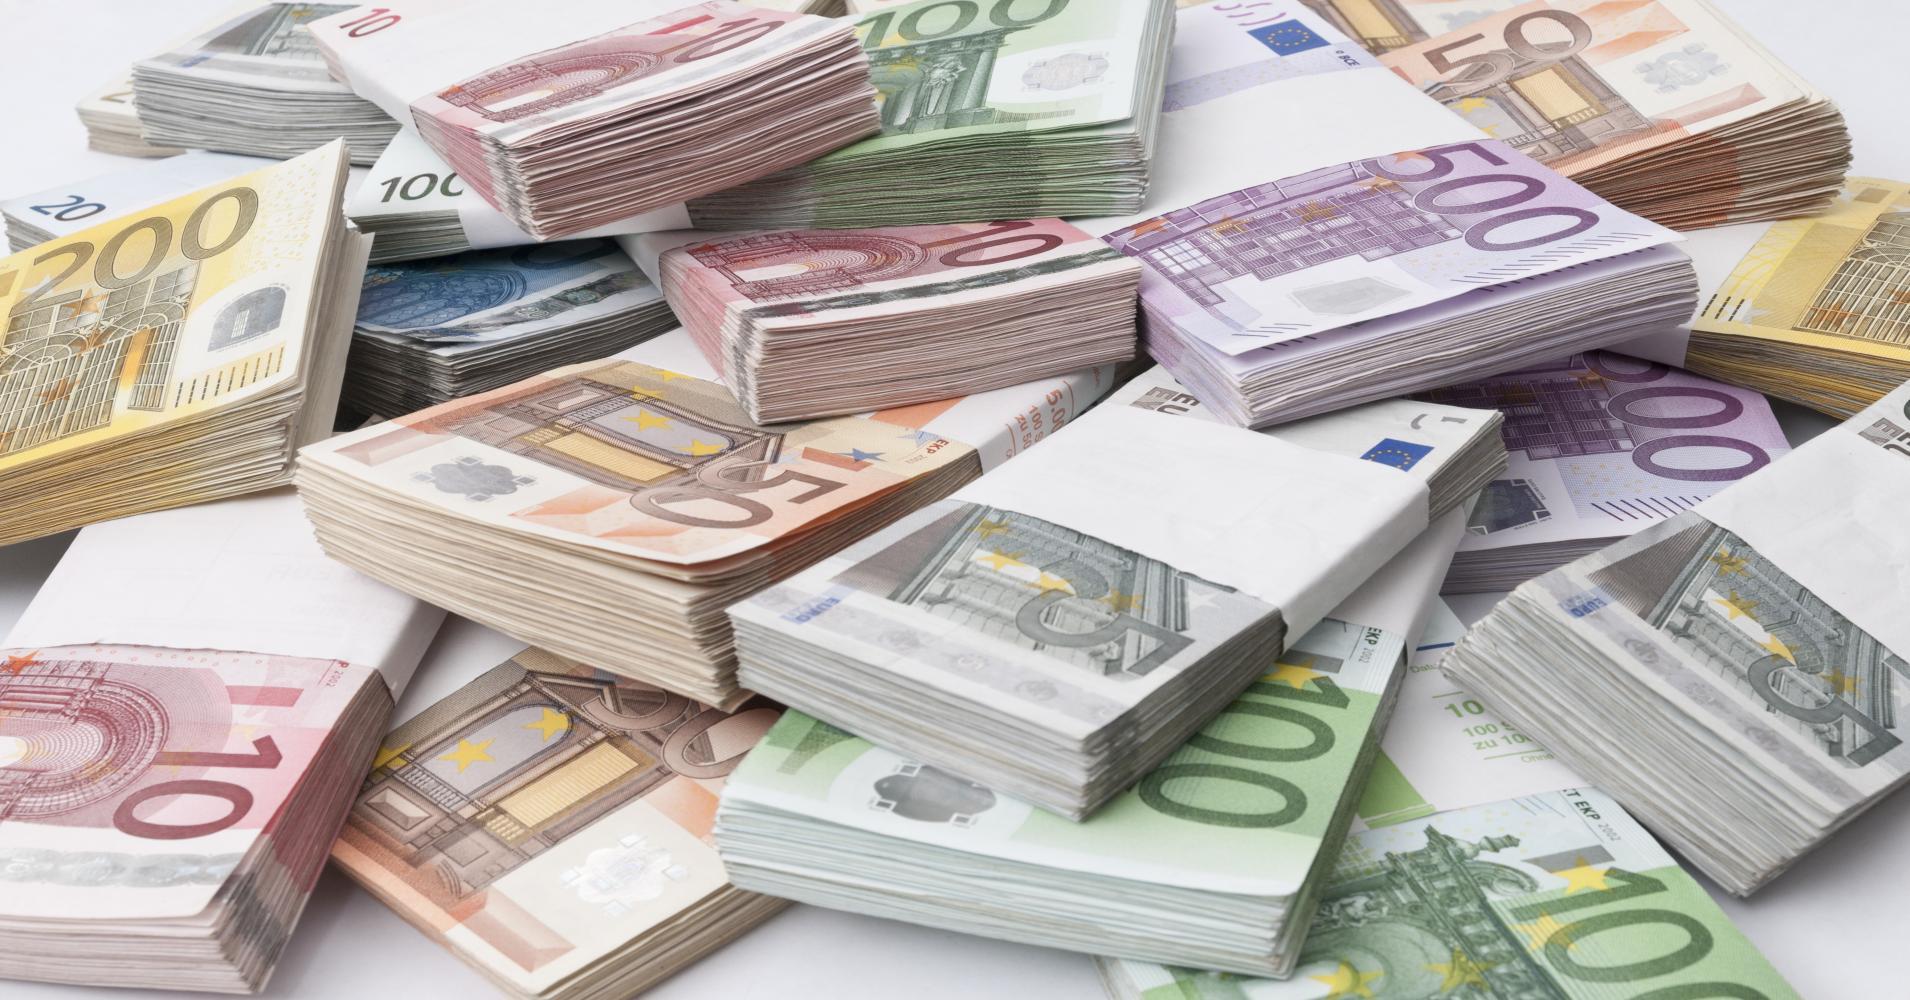 ذخایر ارزی ایران 100 میلیارد دلار شد